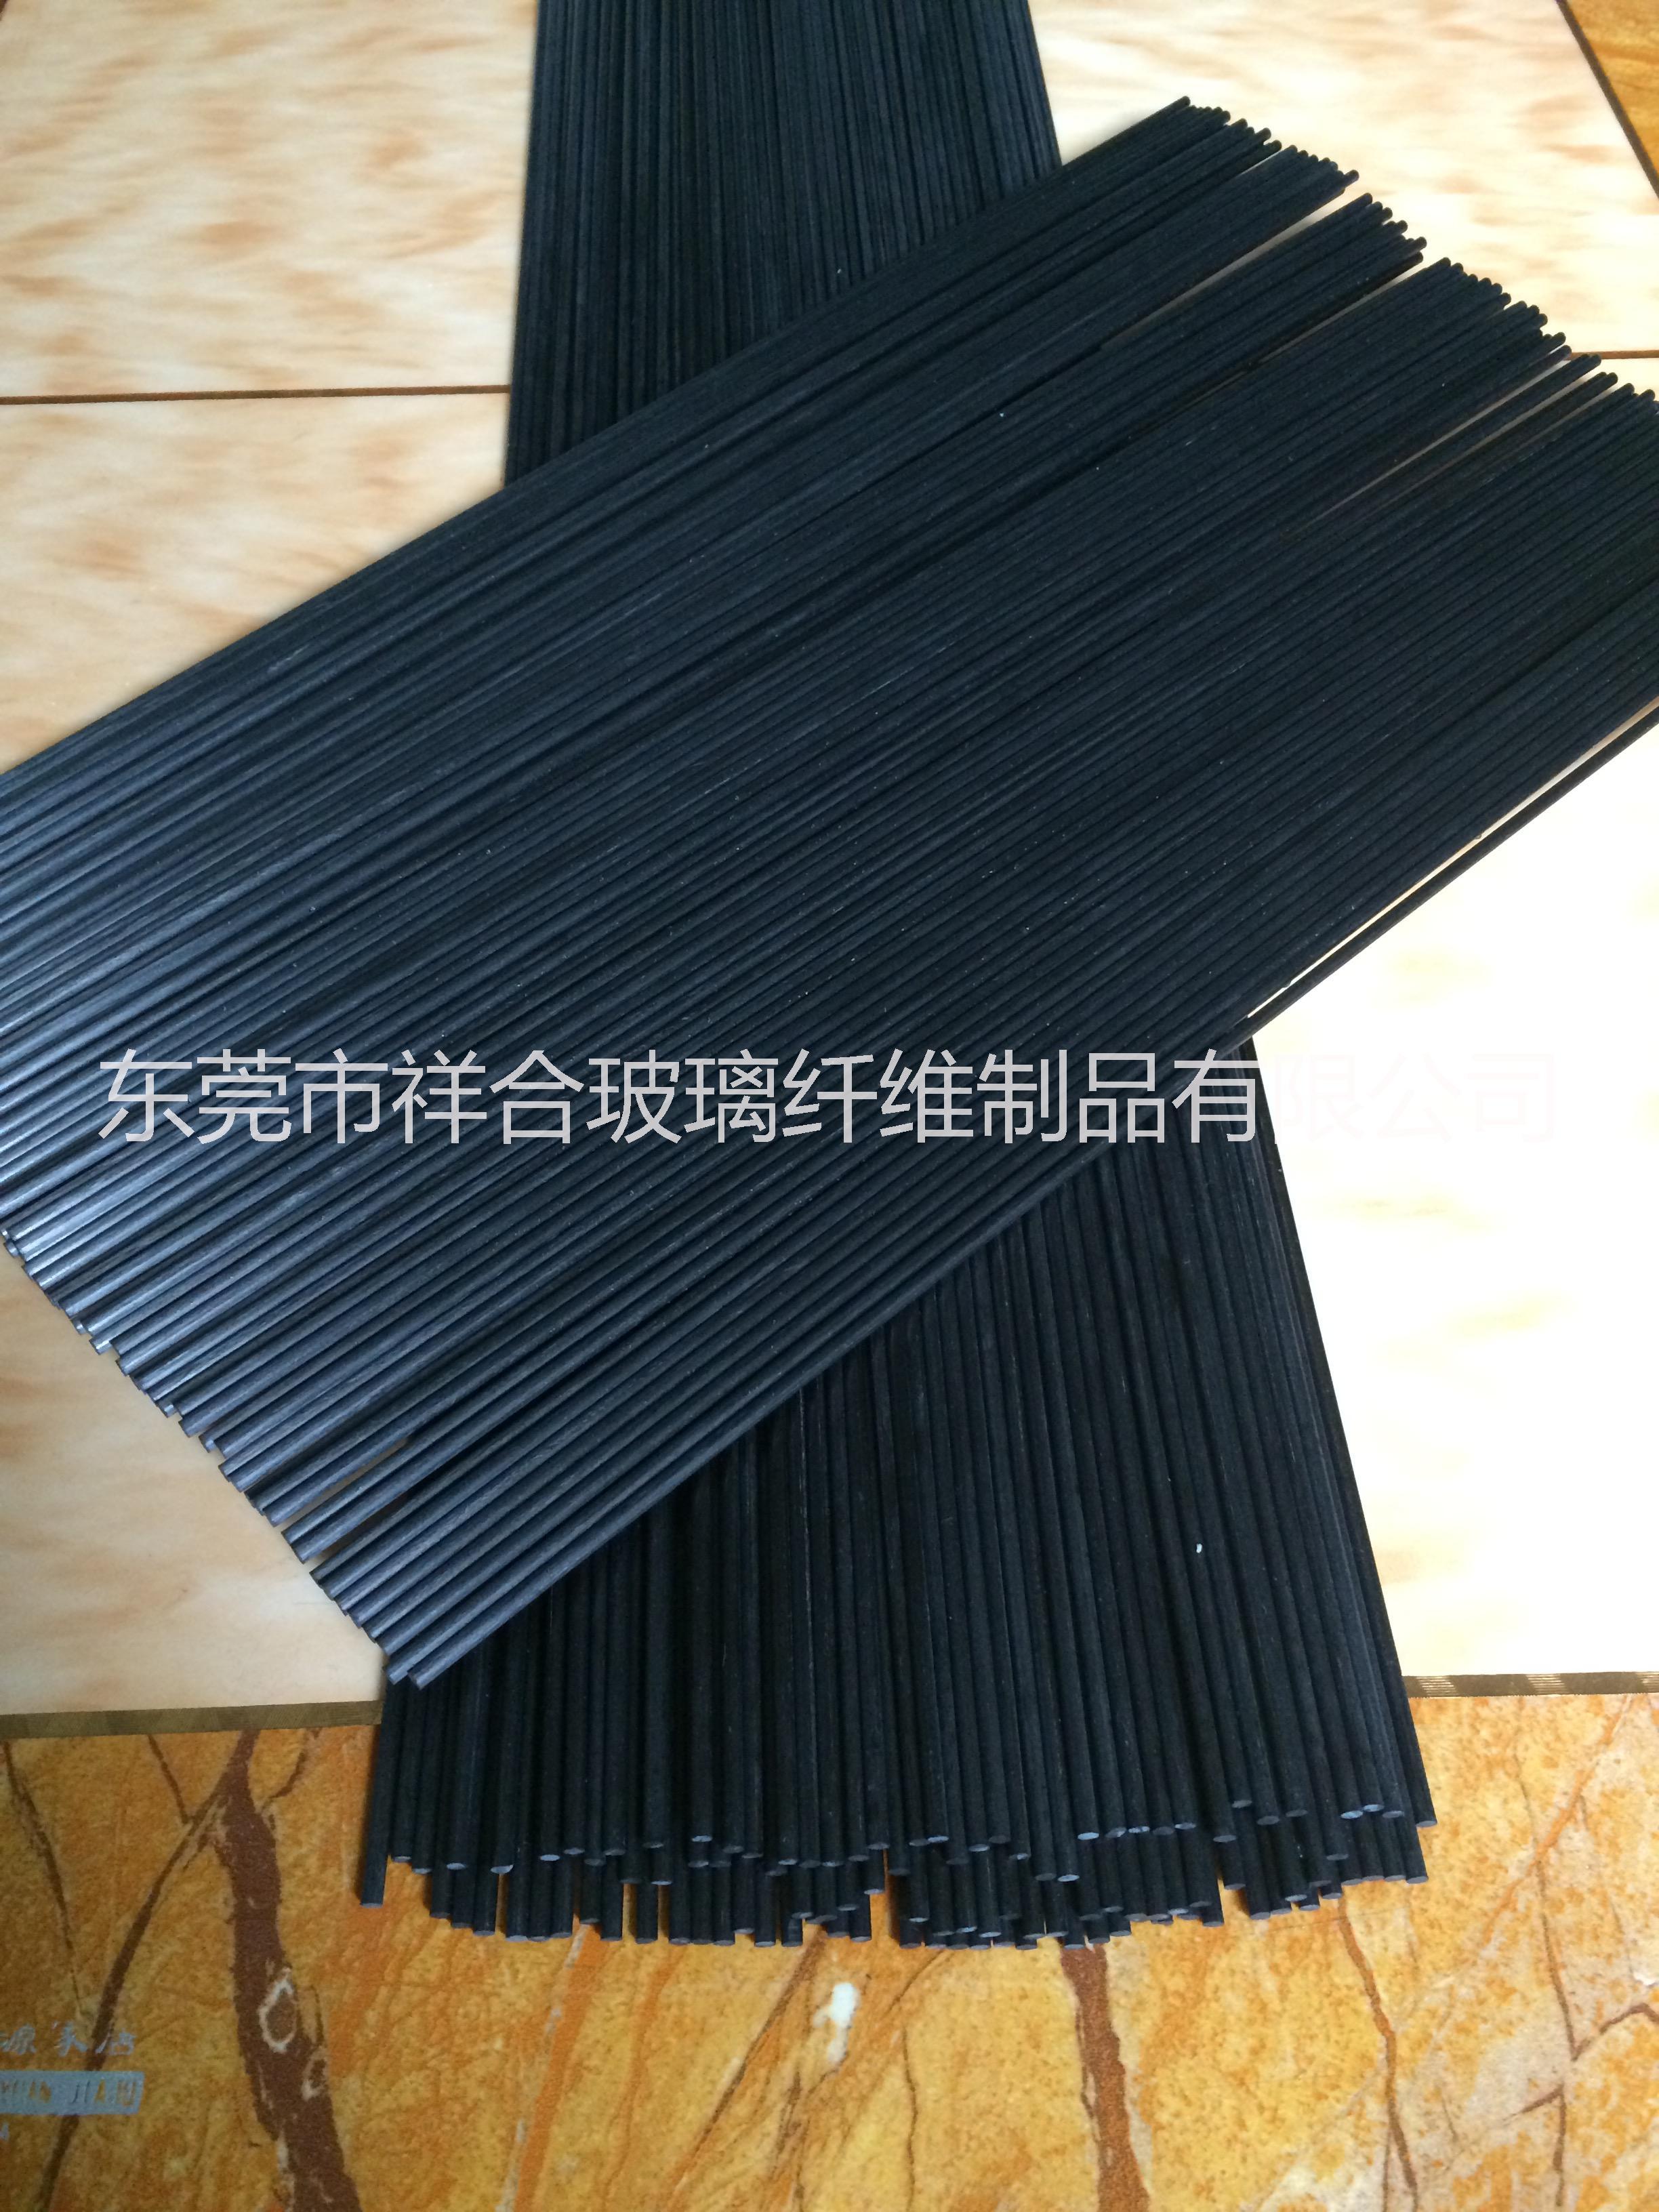 碳纤棒1mm东莞祥合订做碳纤维棒 规格齐全 碳纤维棒厂家直销